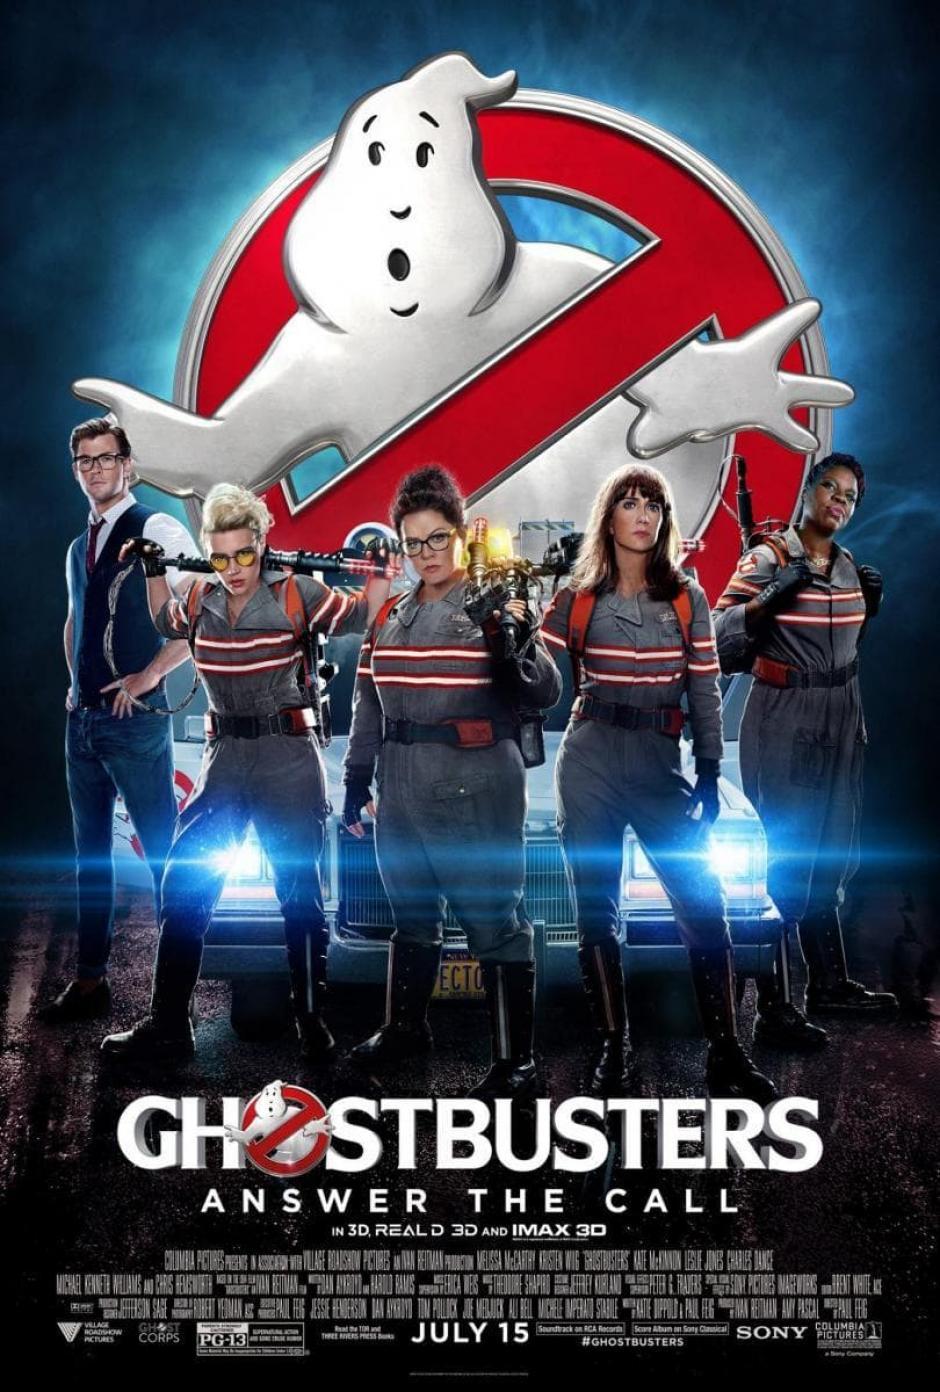 La película será estrenada el 21 de julio en Guatemala. (Foto: filmaffinity.com)